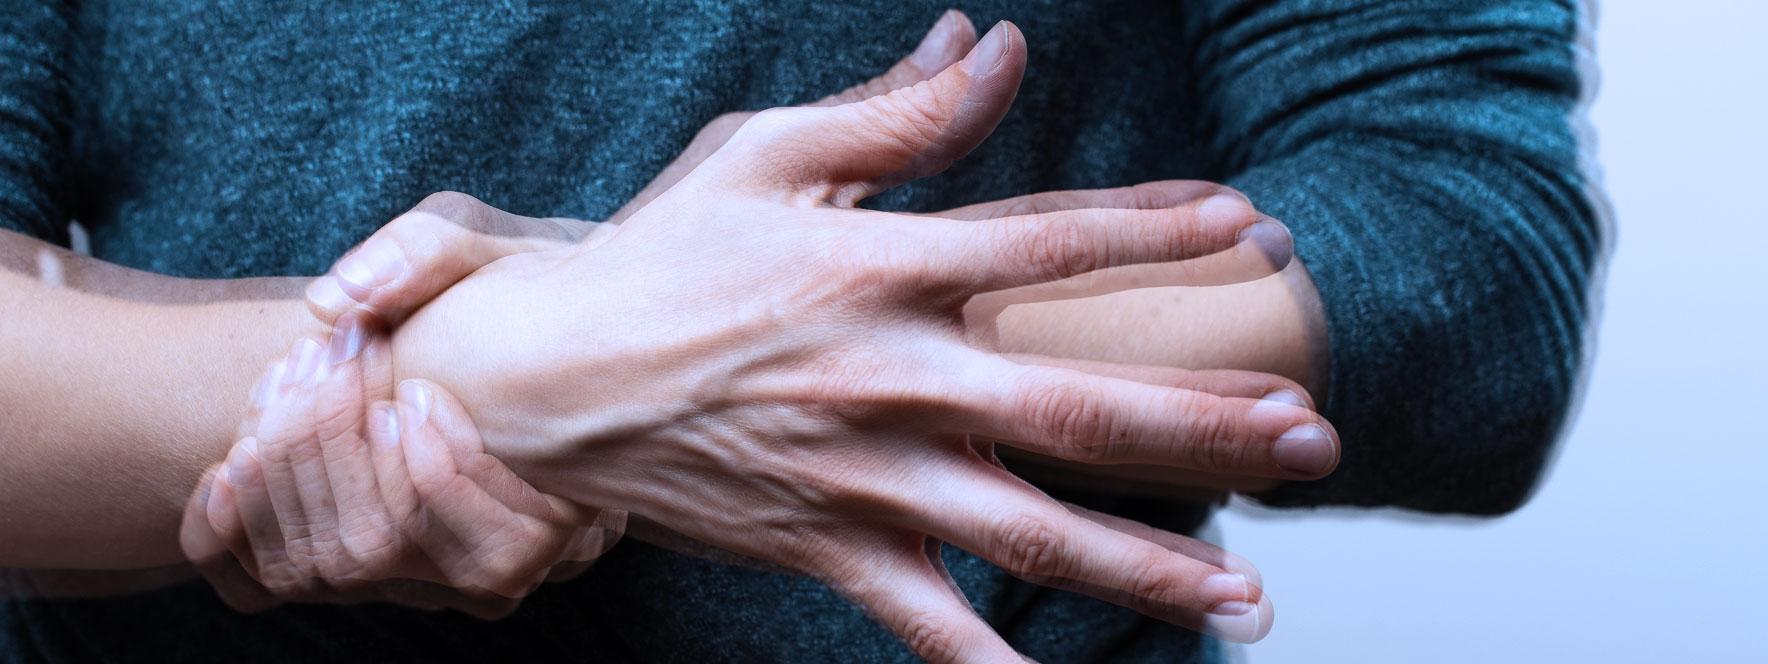 Les mains d'une personne atteinte de la maladie de Parkinson tremblent